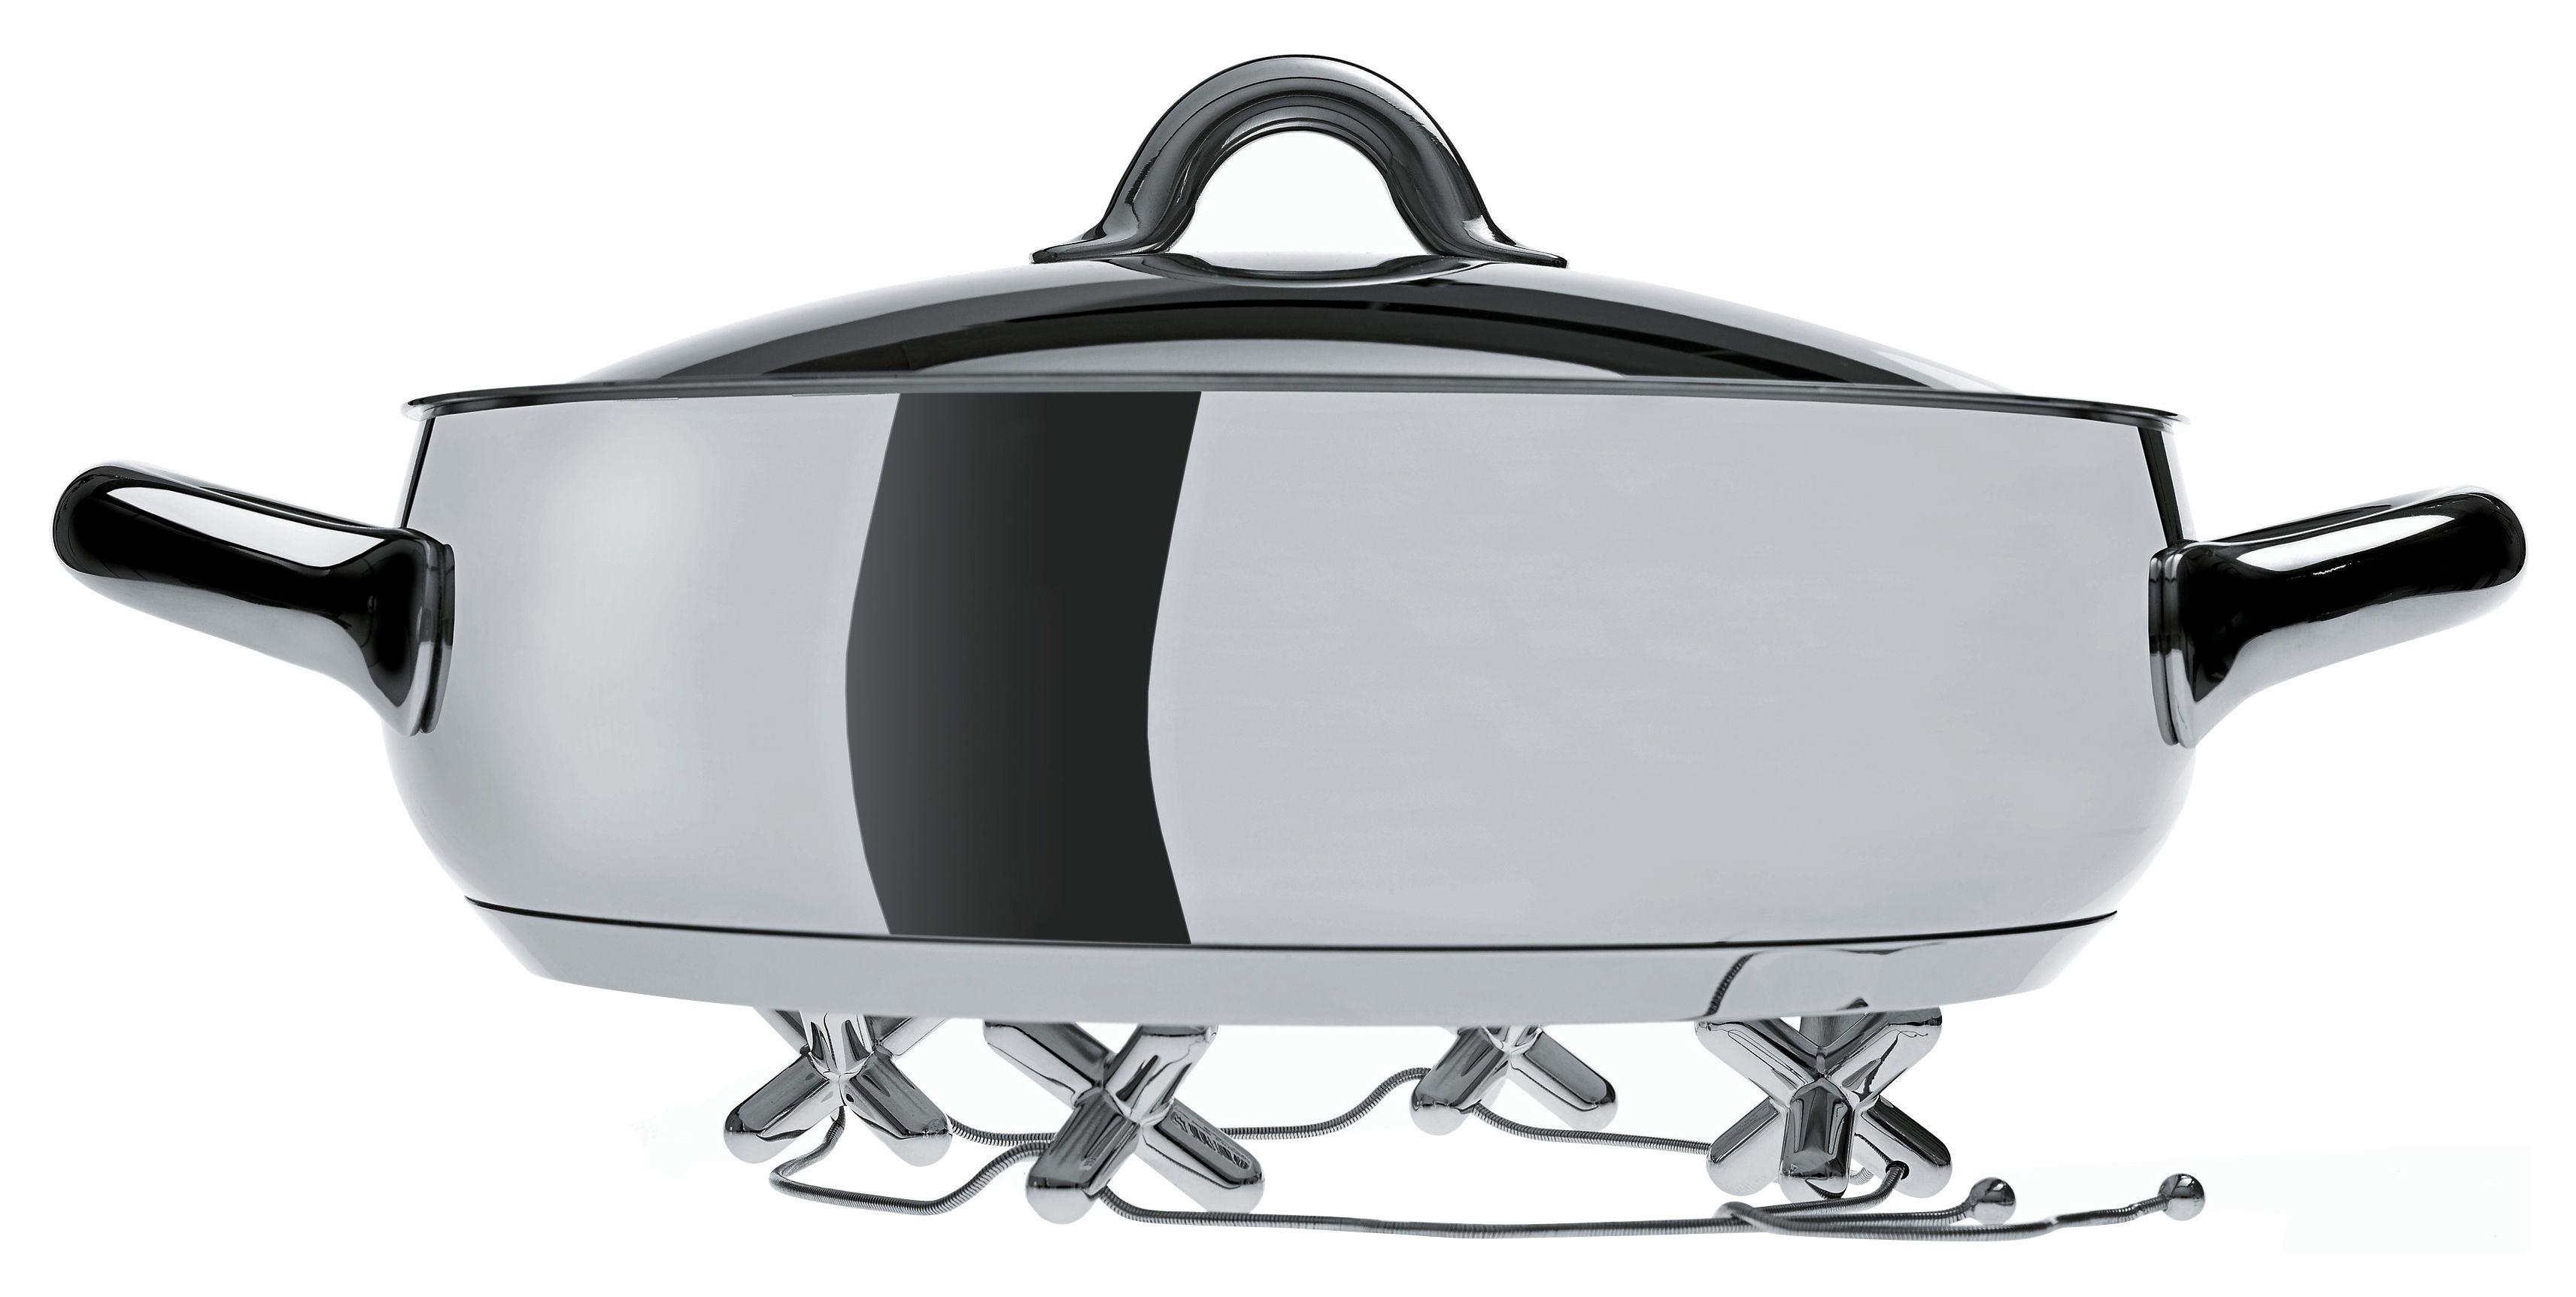 Tavola - Sottopiatti - Sottopentola Tripod - Rimovible di Alessi - Cromato - Zamak cromato